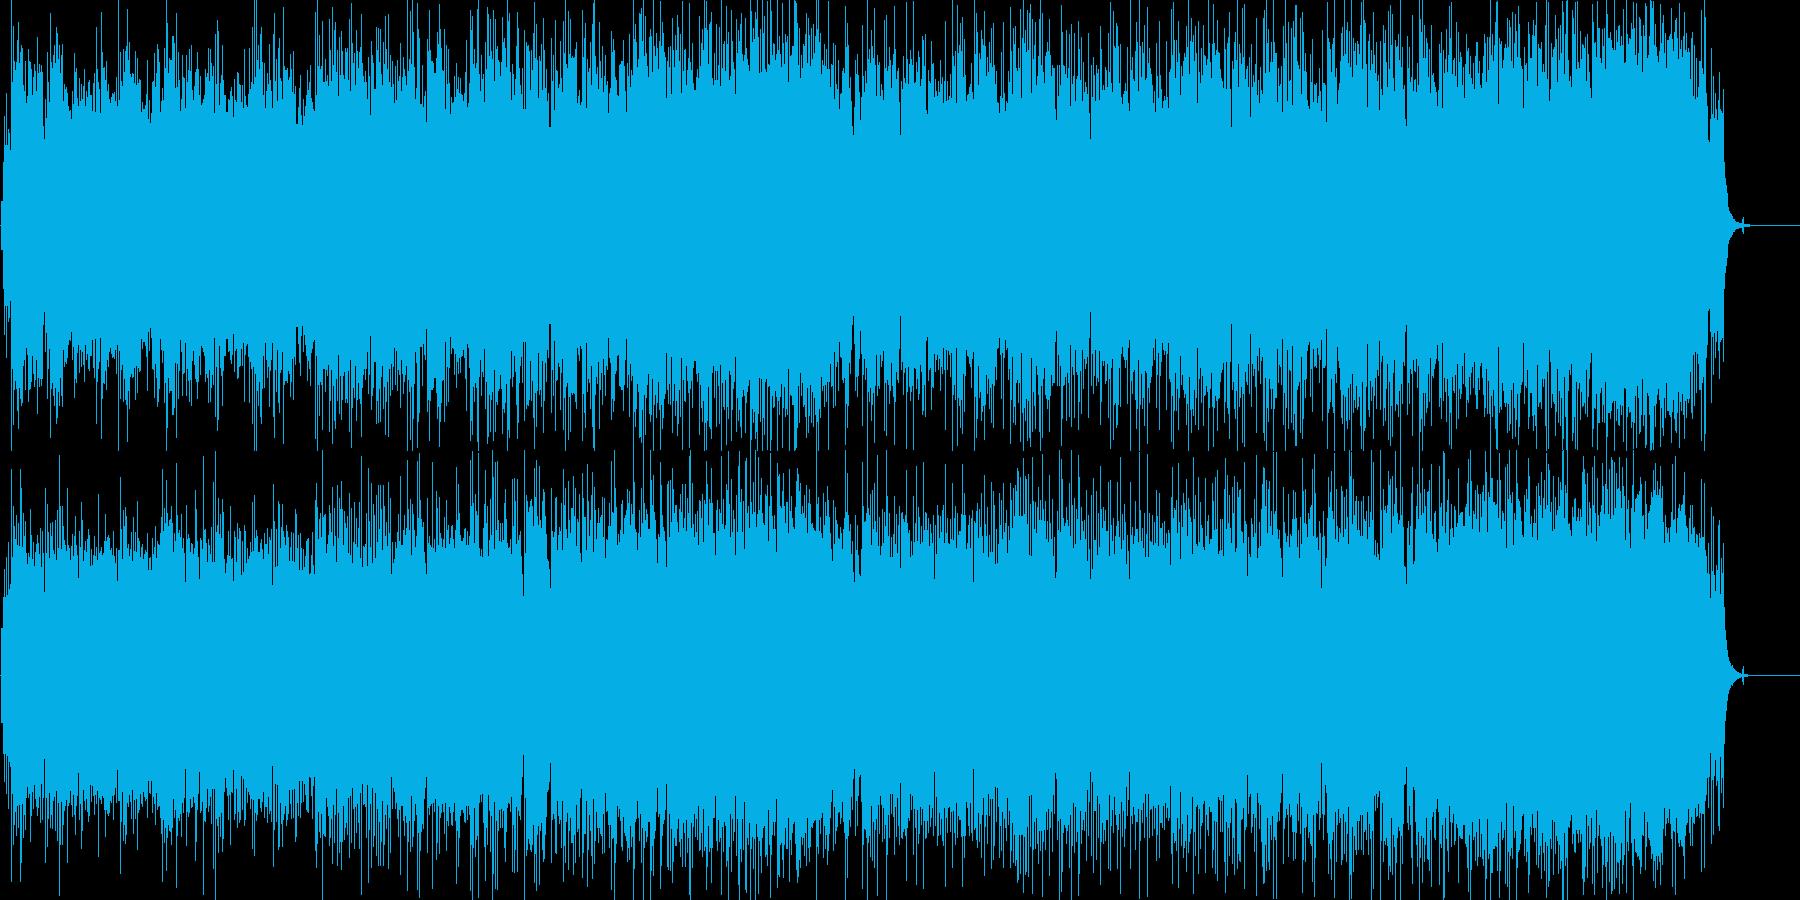 ラブロマンスのオープニング風切ない曲の再生済みの波形